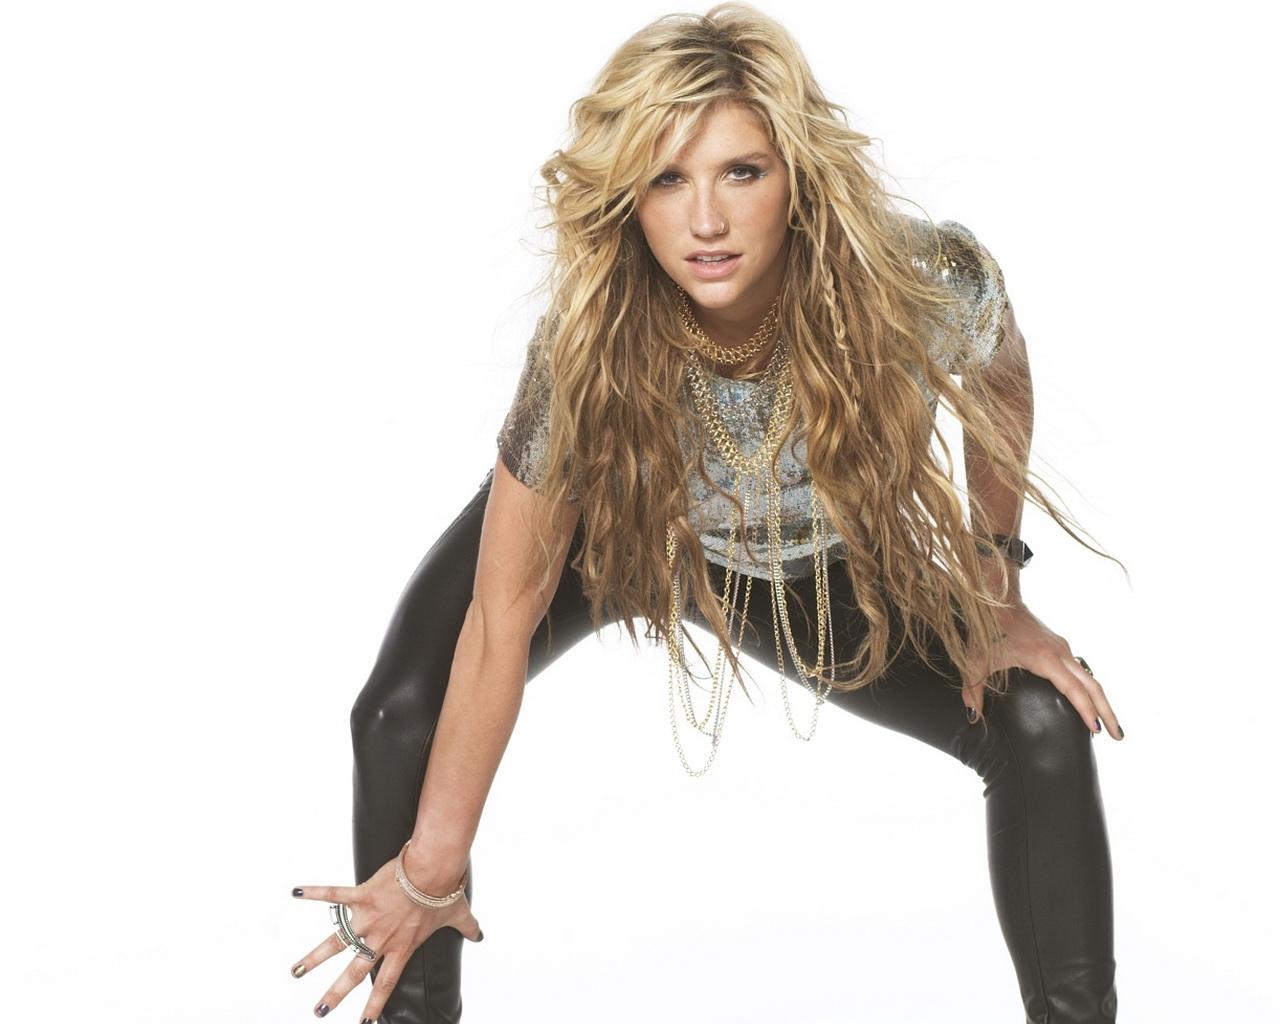 http://1.bp.blogspot.com/-16lfAluHUsA/UIDjlACbluI/AAAAAAAARg0/lF3iixLT9nI/s1600/Kesha-hot-singer+(11).jpg